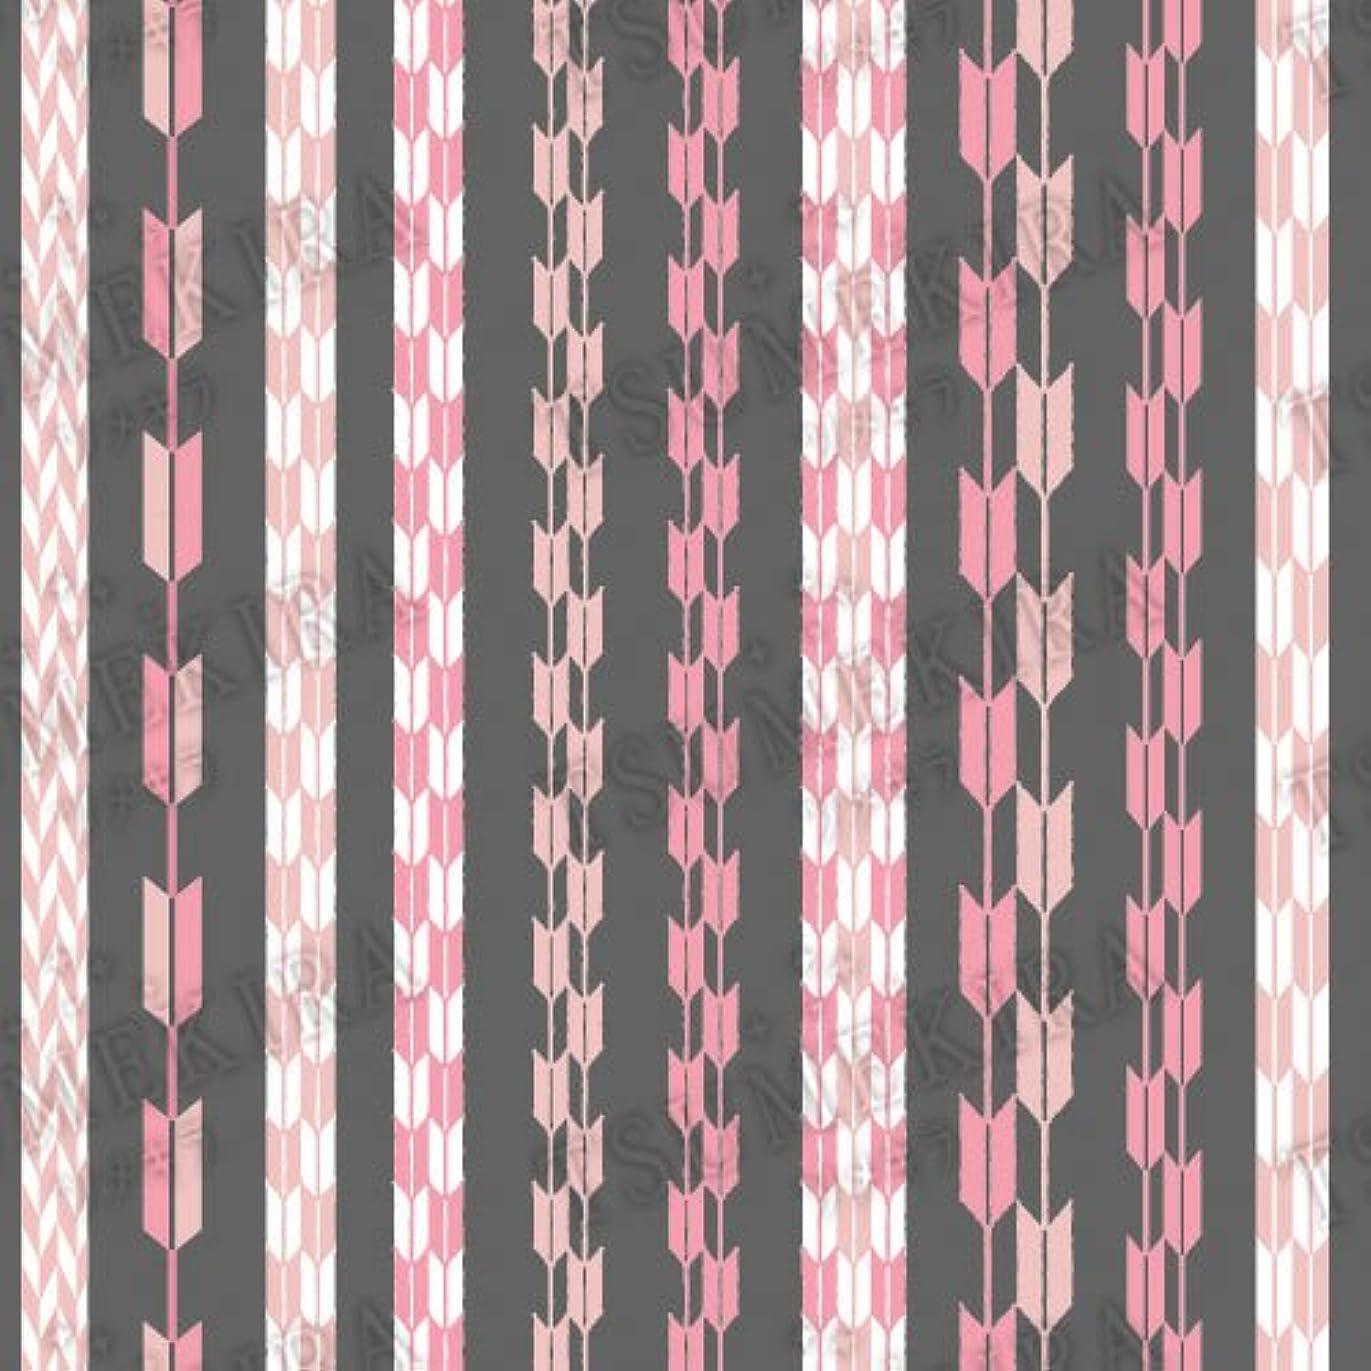 宿泊施設タクシー埋めるツメキラ ネイル用シール スタンダードスタイル 矢餅 ピンク